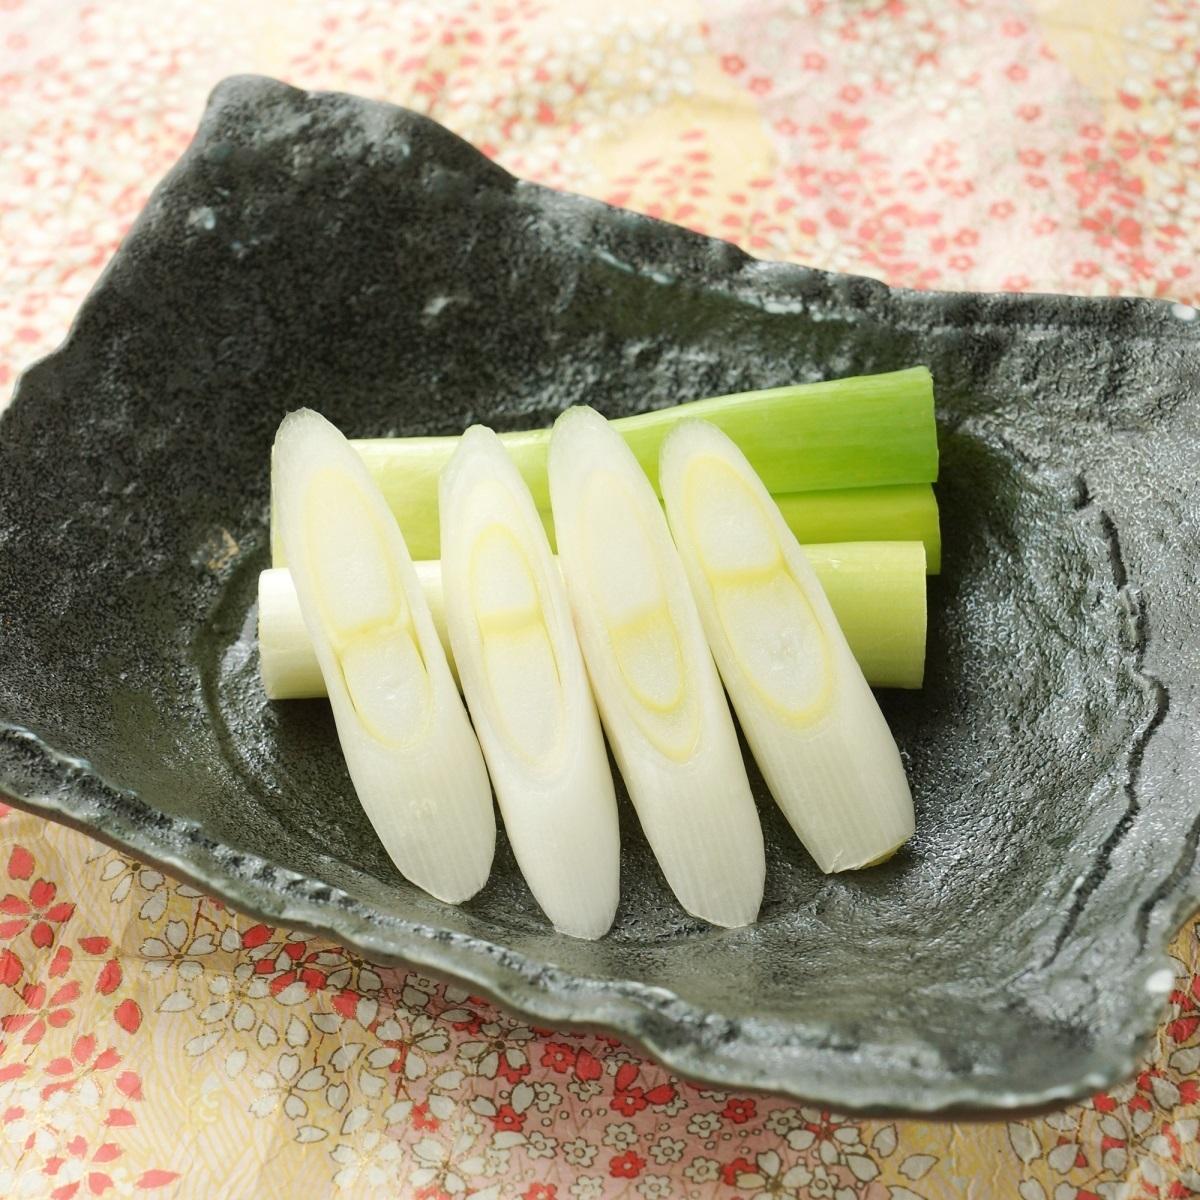 White green onion